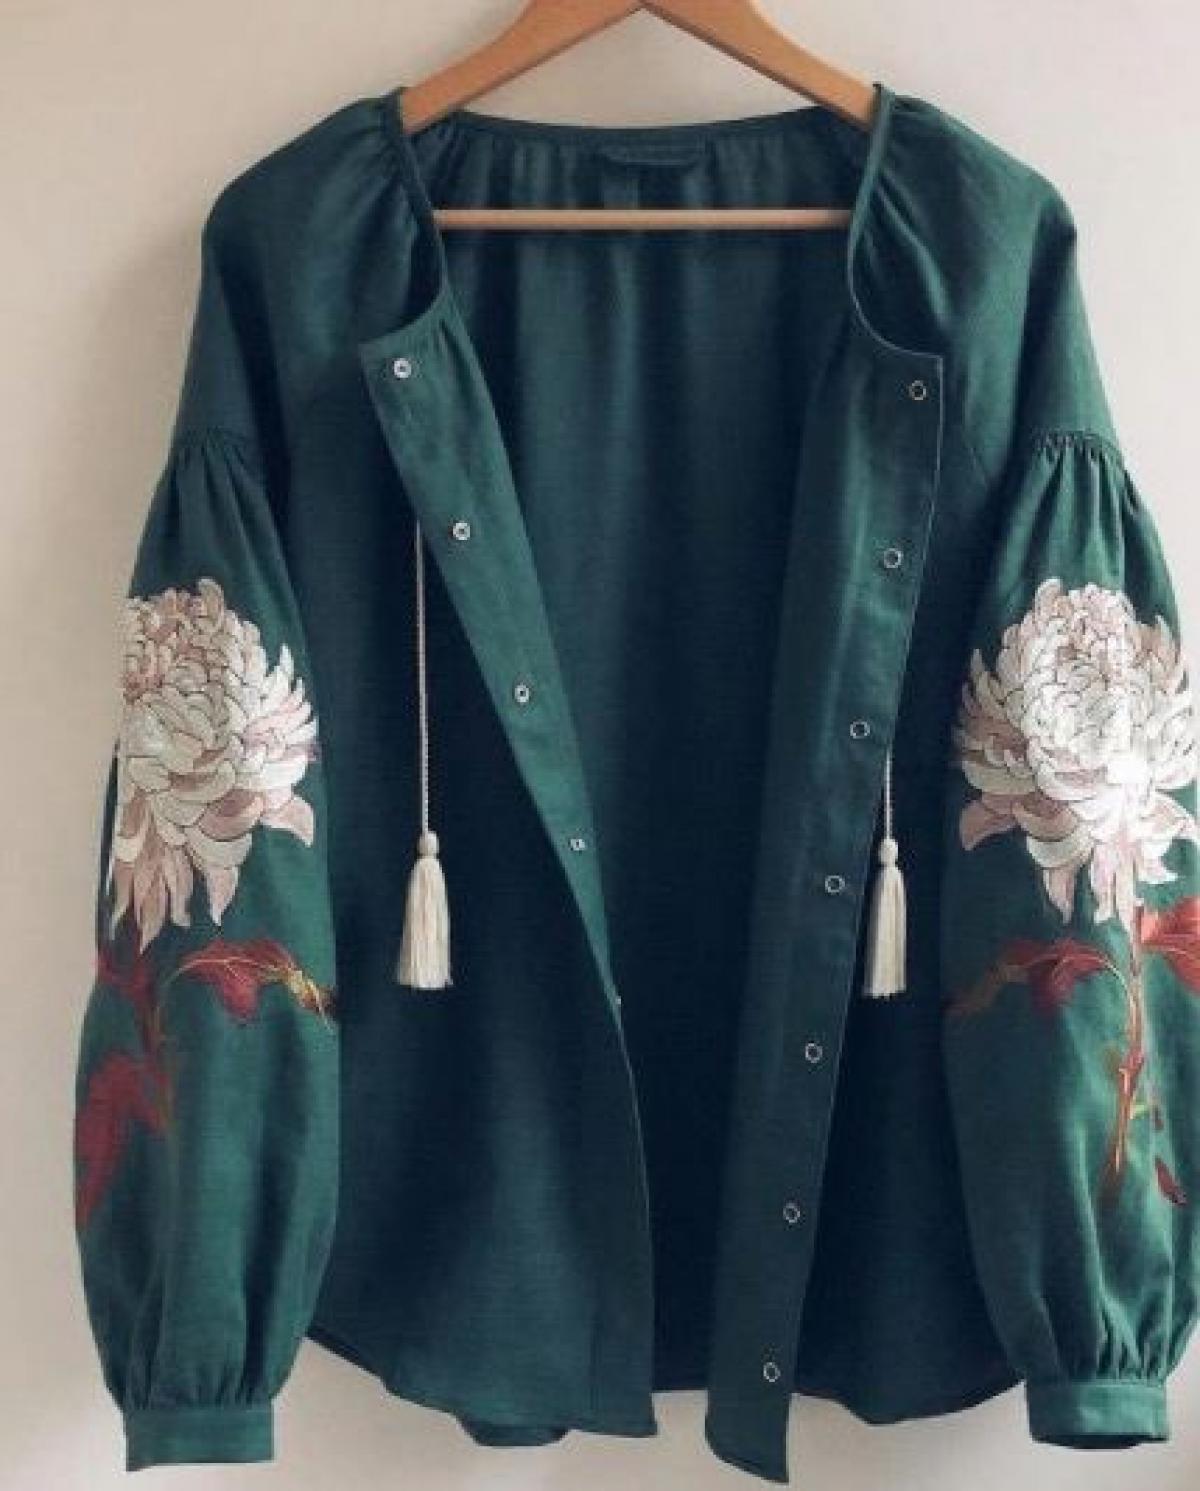 Women's green embroidered shirt with embroidered chrysanthemum. Photo №1. | Narodnyi dim Ukraine